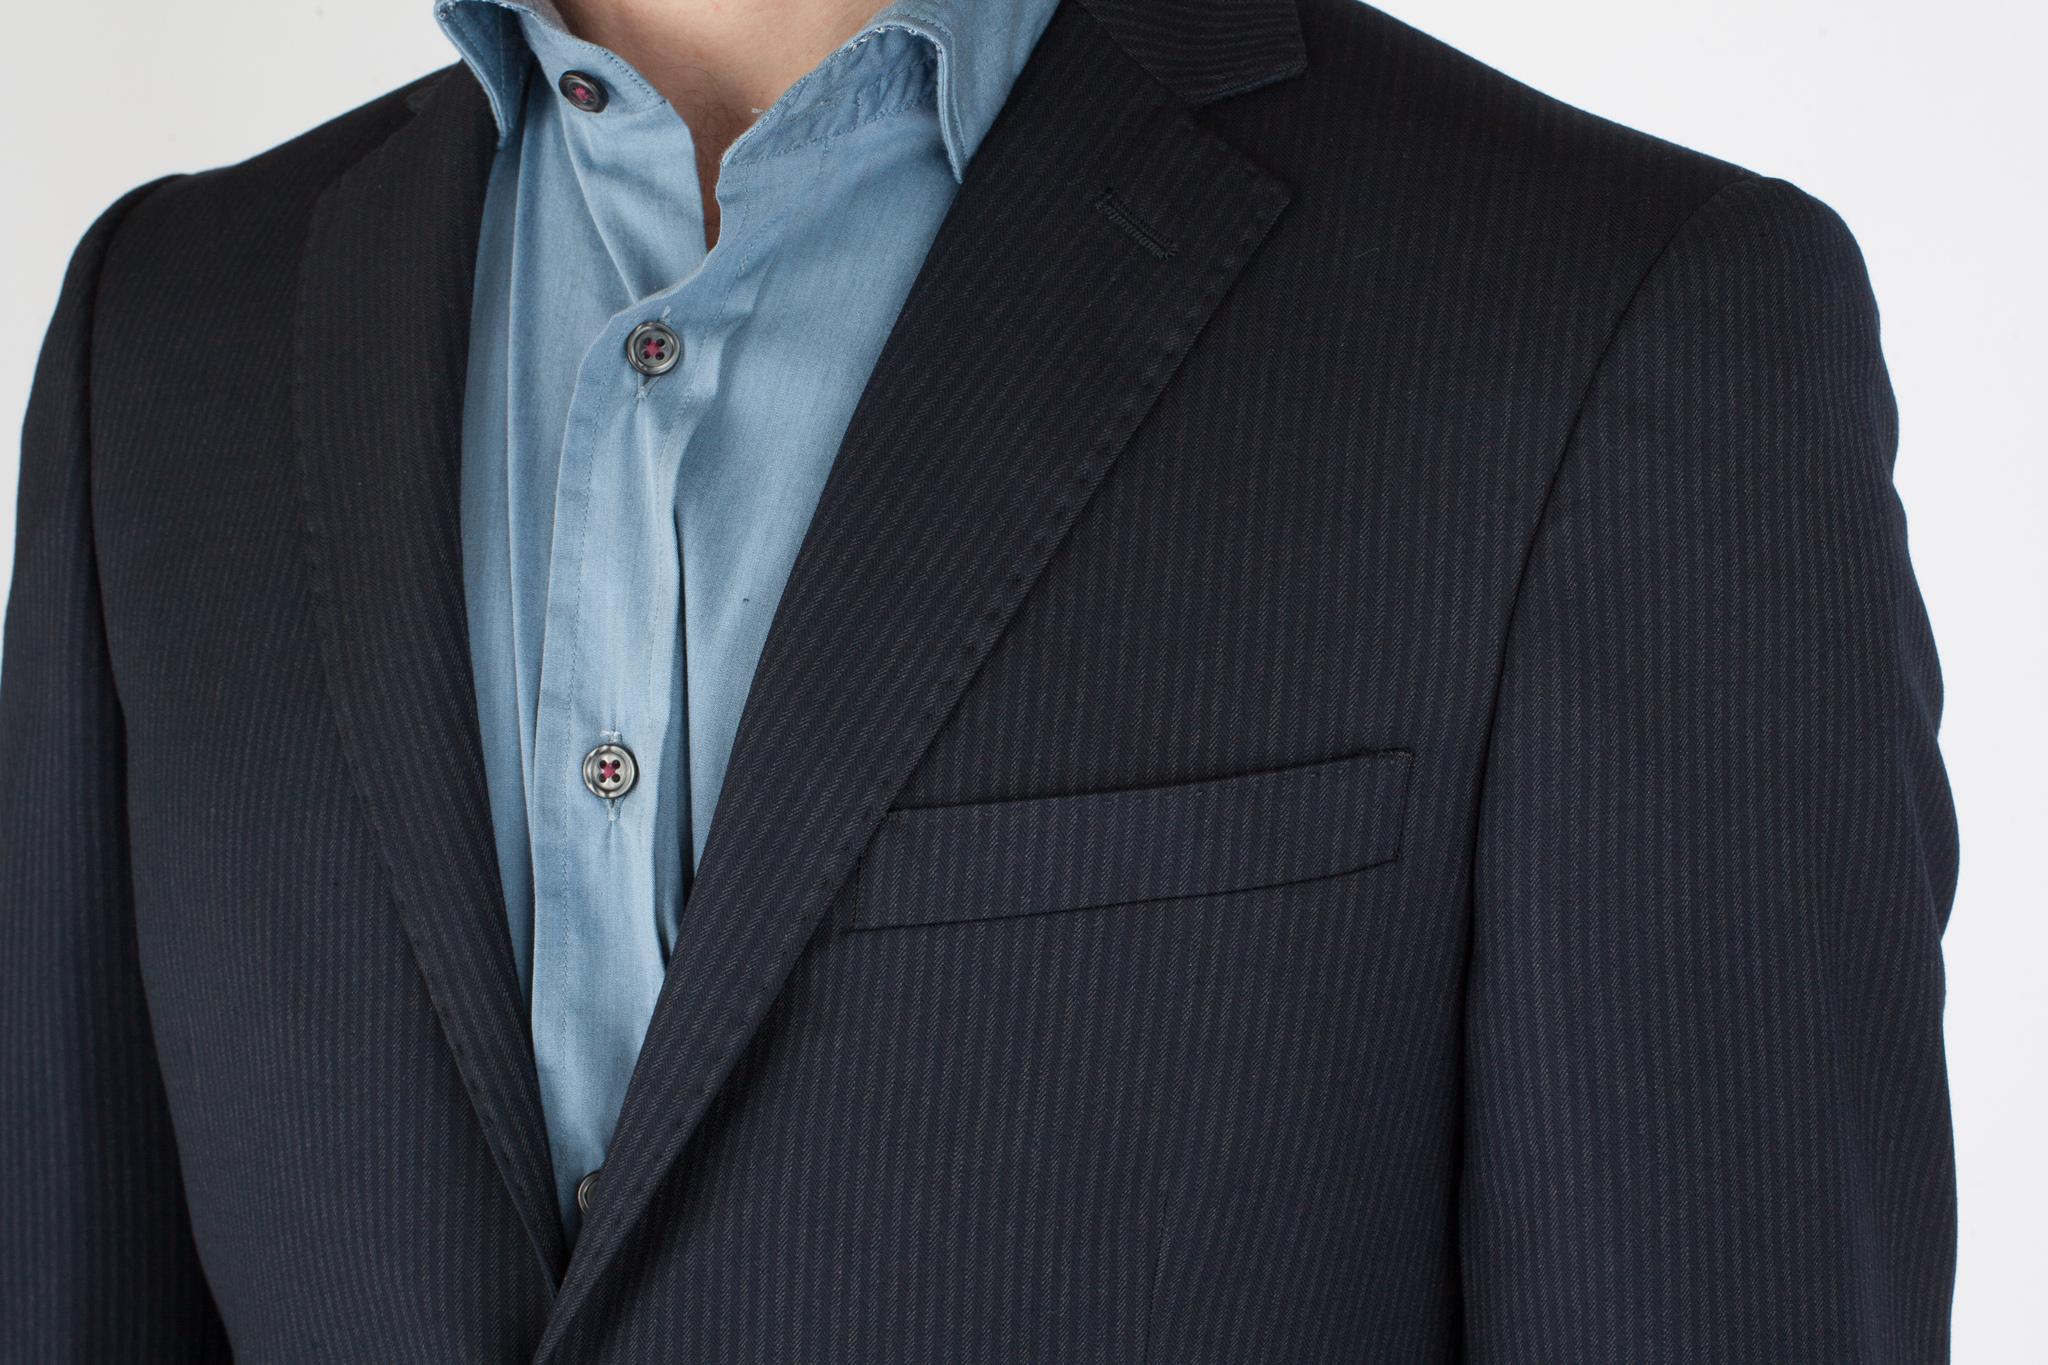 Тёмно-сине-серый костюм «в ёлочку» из 100%-ной шерсти, нагрудный карман